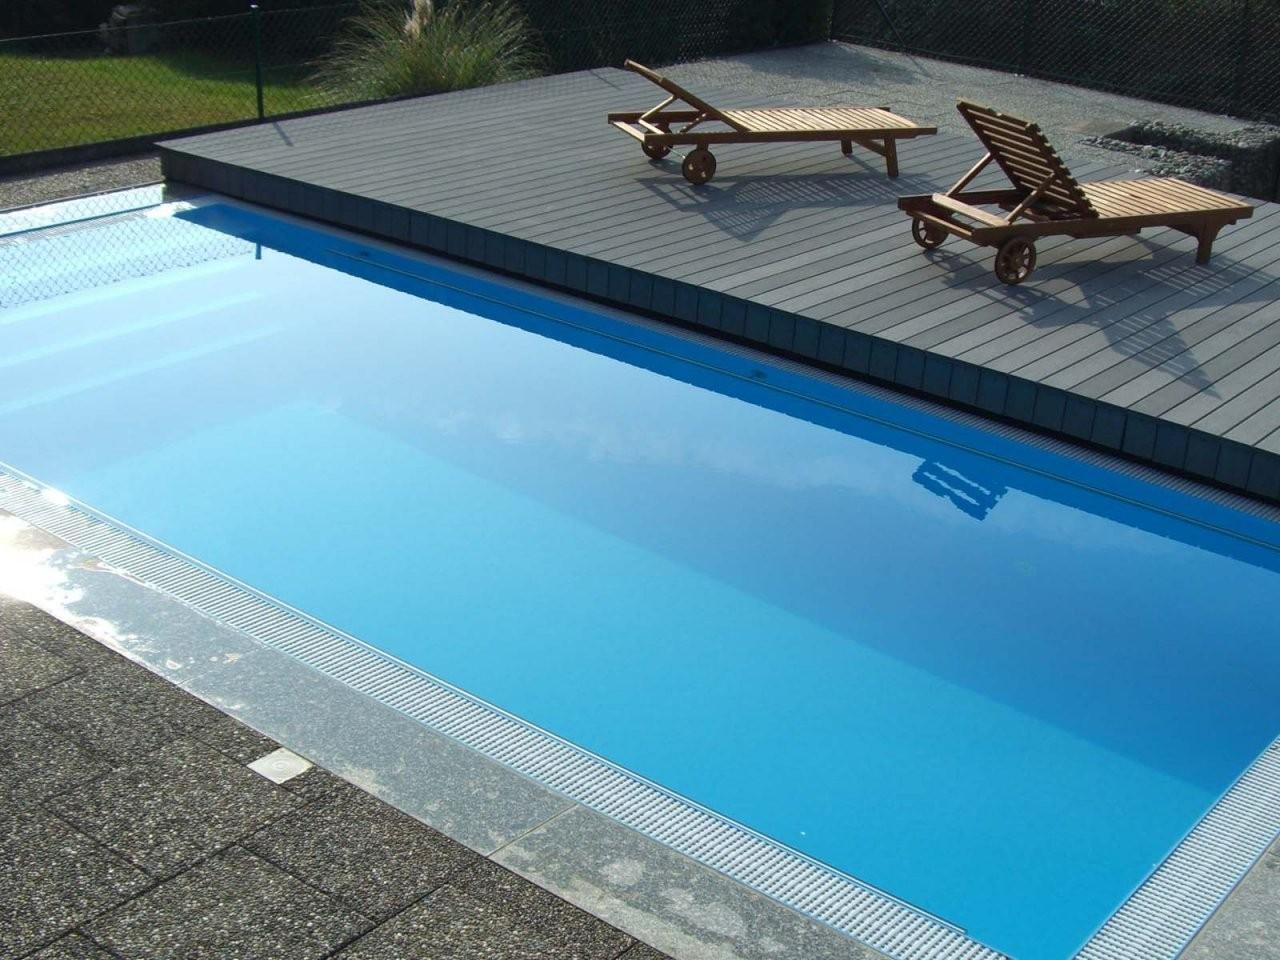 Begehbare Terrassen Schwimmbadabdeckung …  Pool Stuff von Aufblasbare Poolabdeckung Selber Bauen Bild